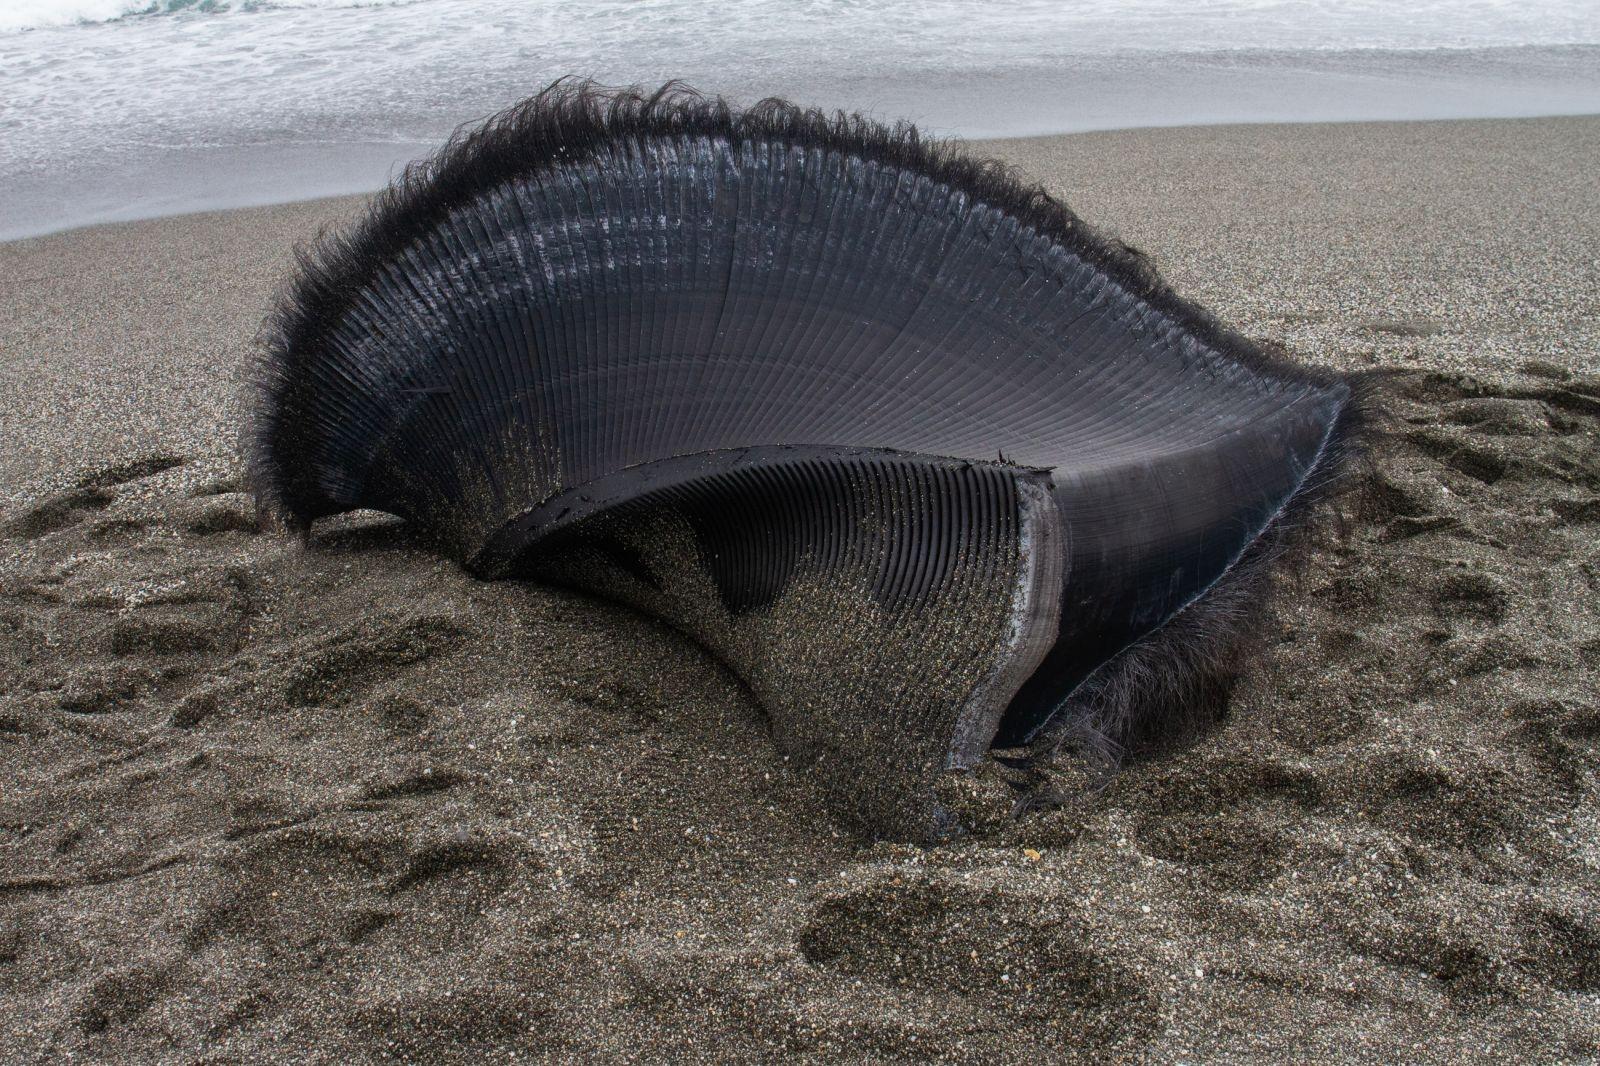 散落在海岸上的鯨鬚板(baleen plates),是鬚鯨濾食的構造。